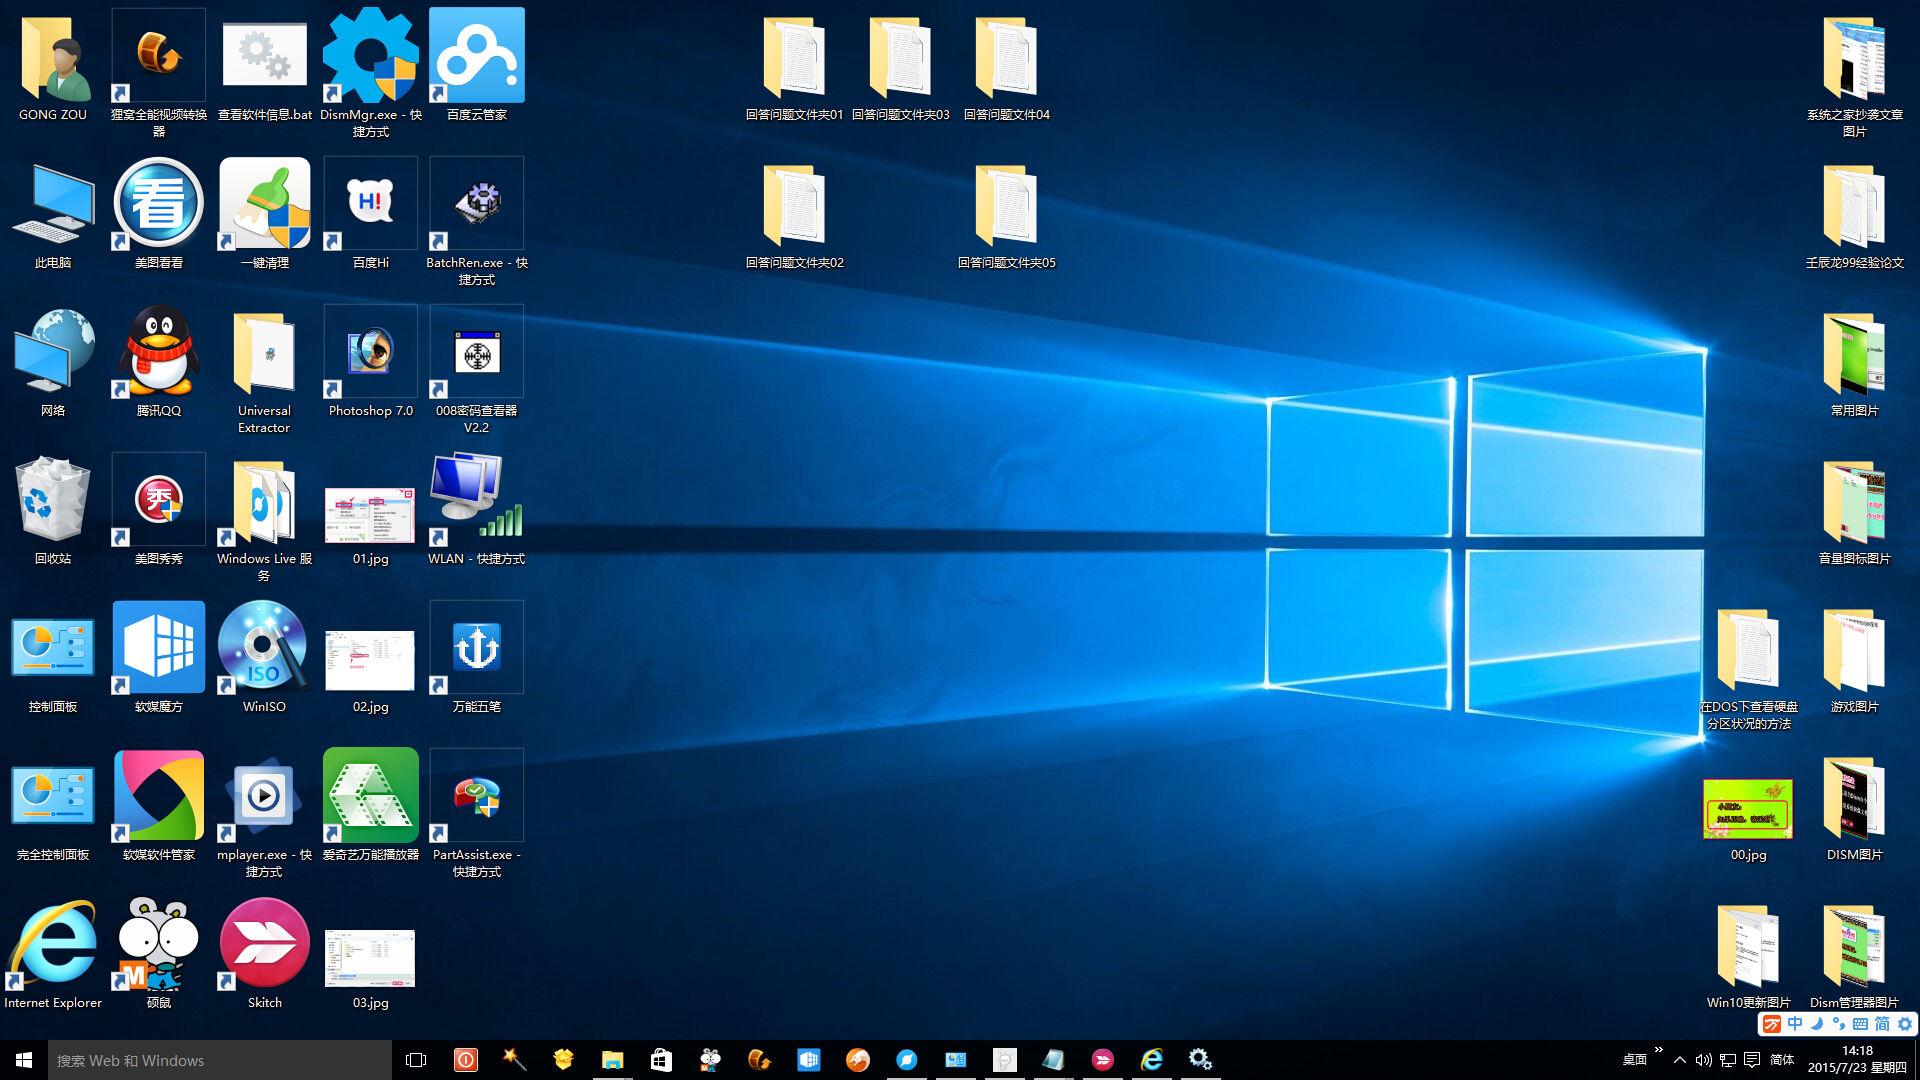 电脑桌面图标变的很大怎么缩小